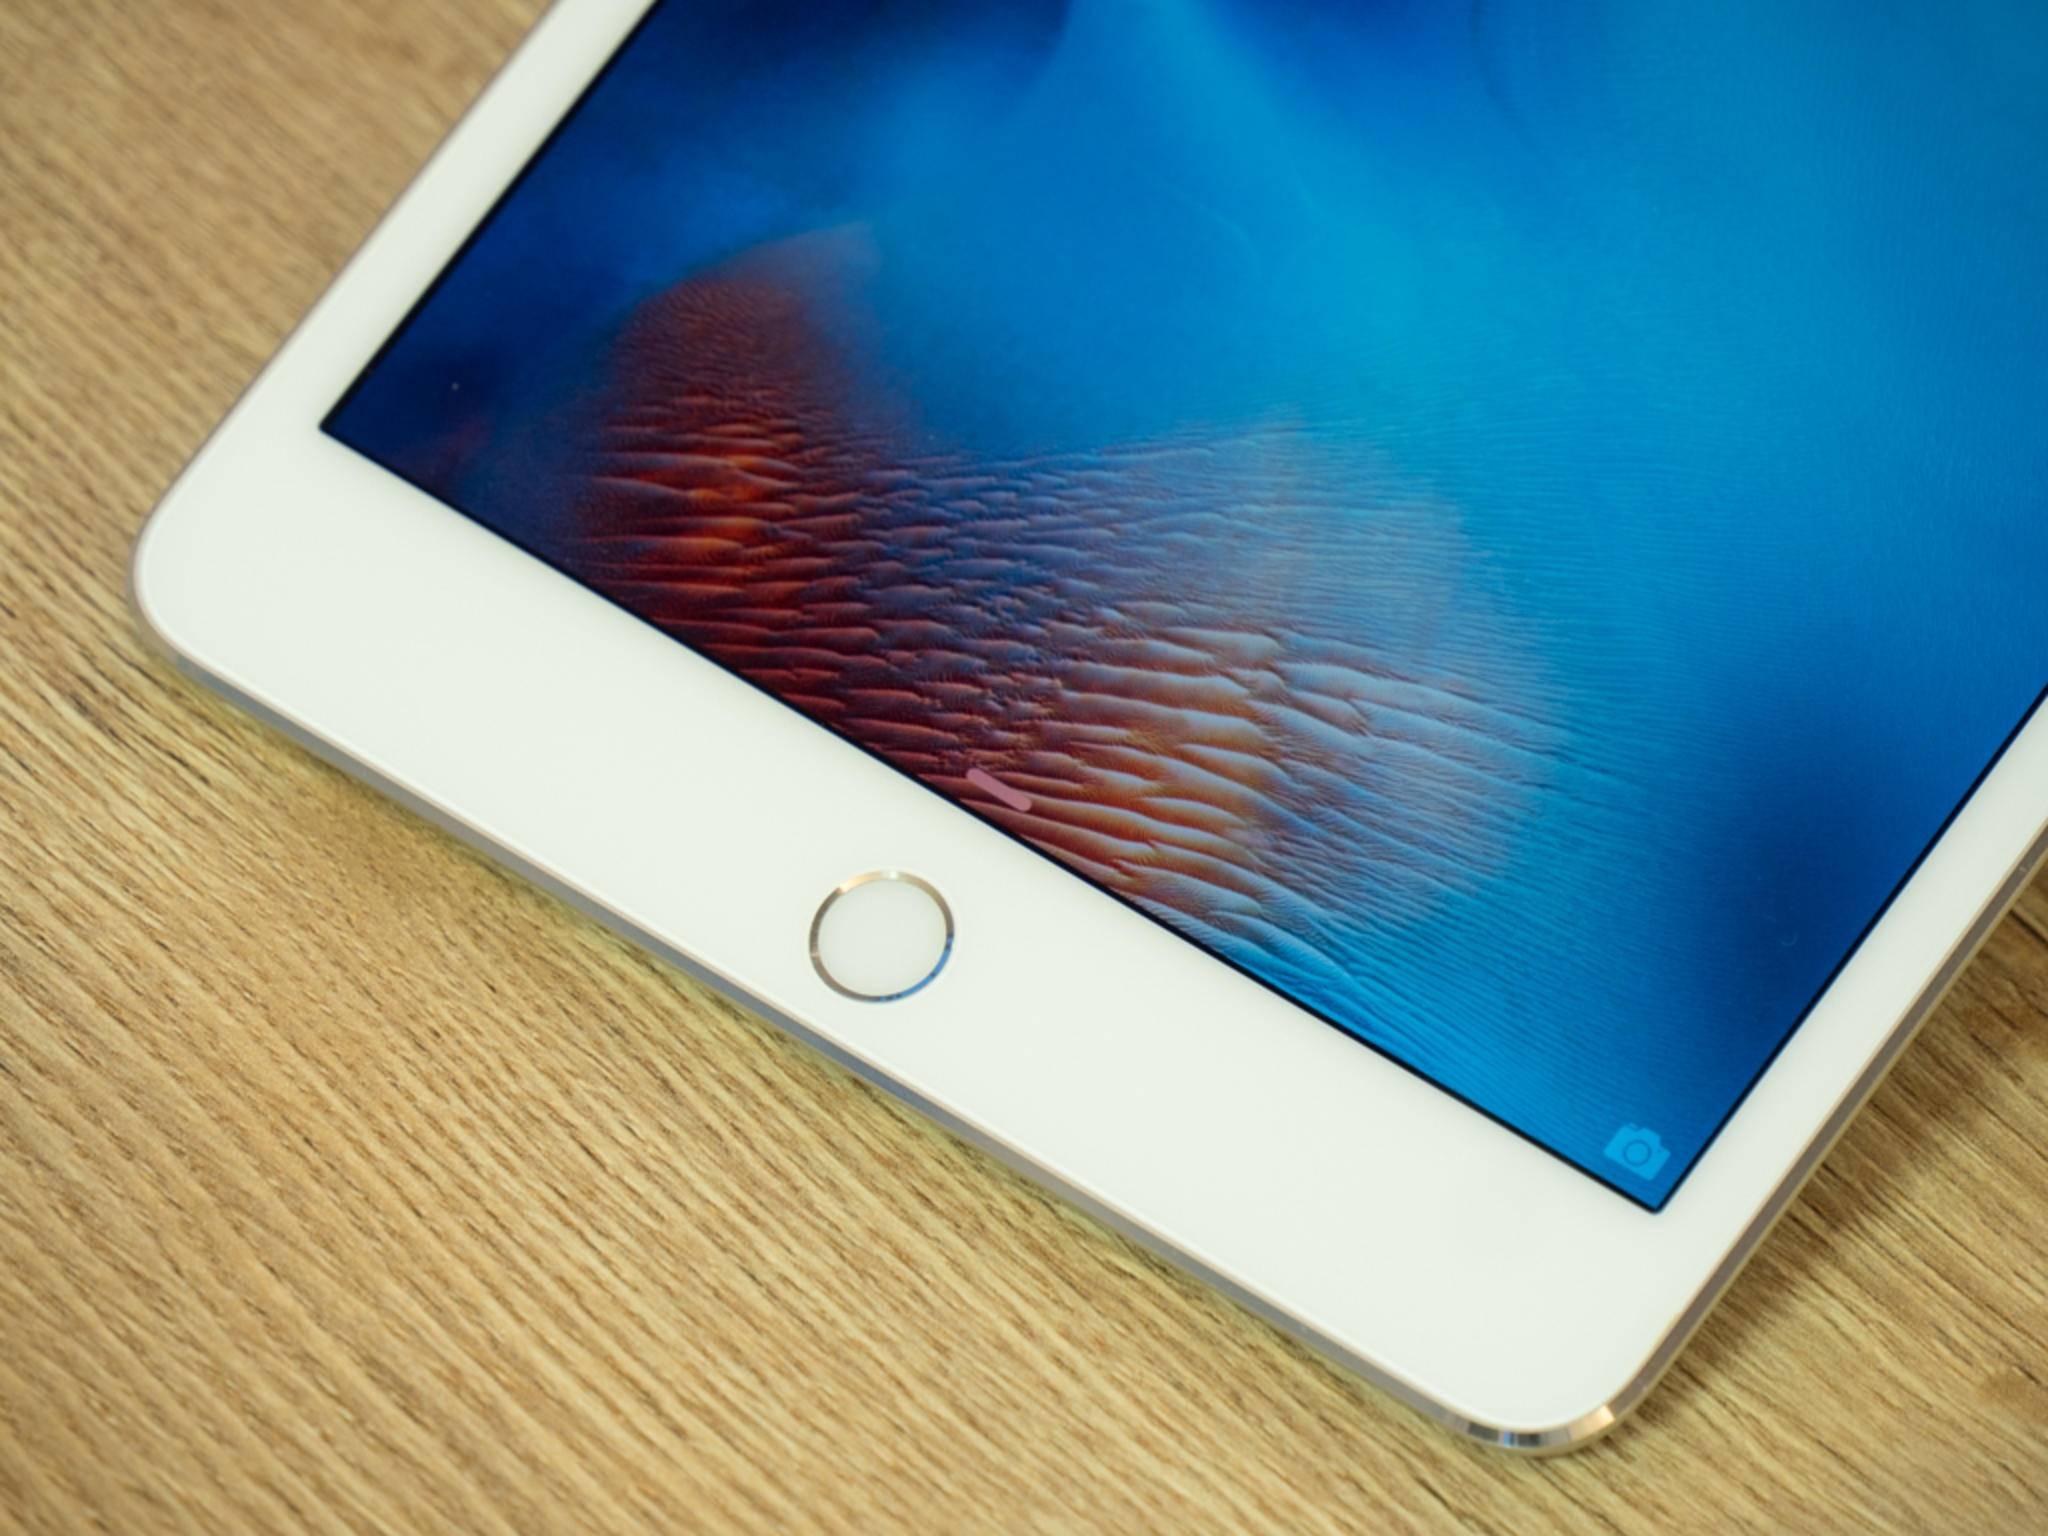 Das Display des iPad mini 4 schnitt in einem Test besser ab als das iPad Pro.